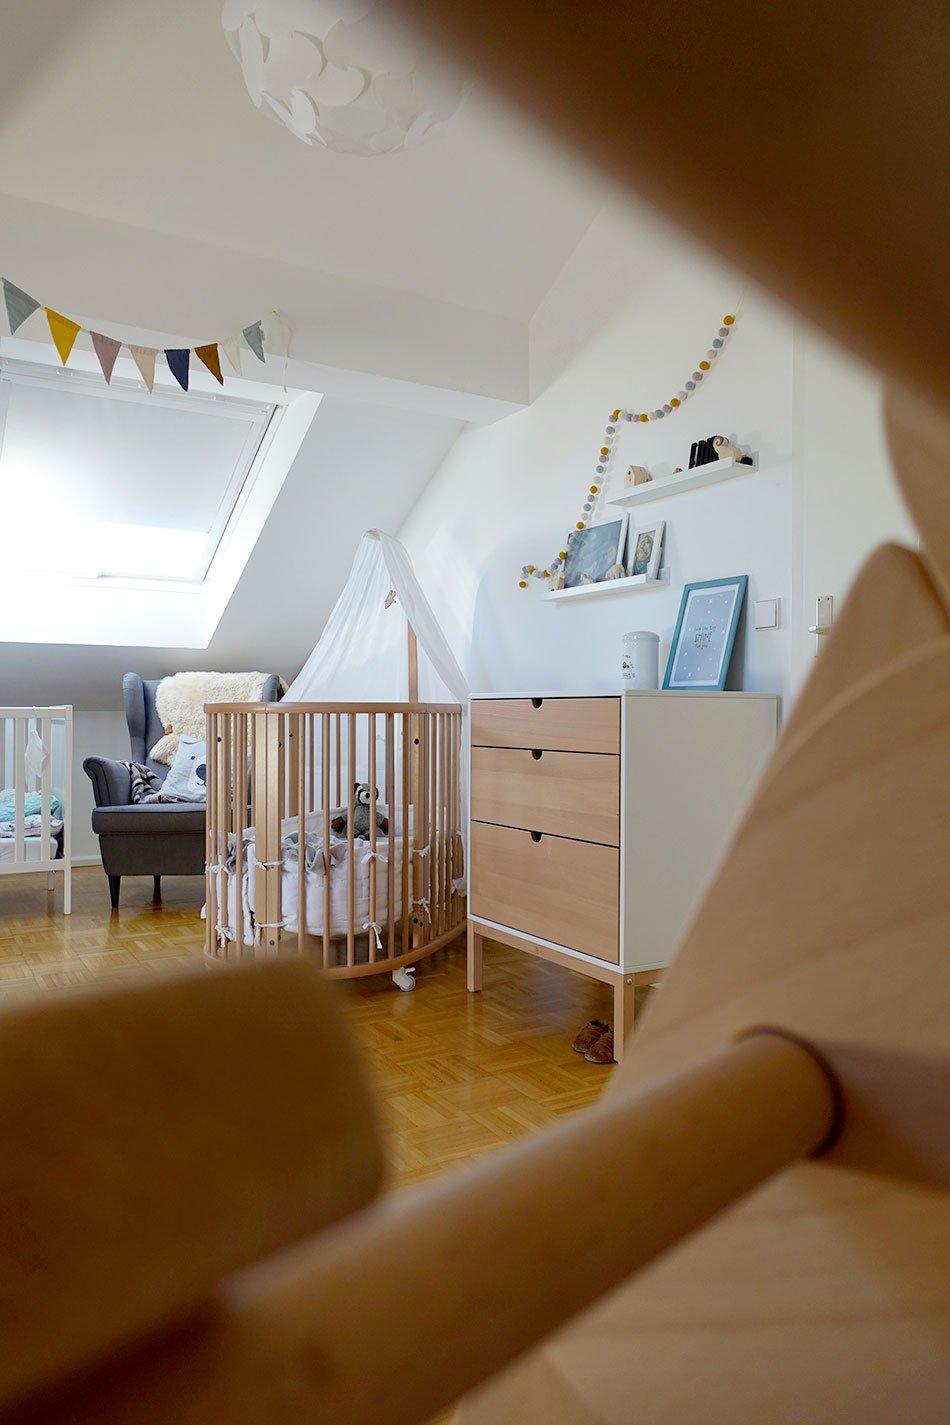 Full Size of Kinderzimmer Einrichten Junge Unterm Dach Tipps Fr Einrichtung Ekulele Badezimmer Sofa Regal Küche Kleine Regale Weiß Kinderzimmer Kinderzimmer Einrichten Junge